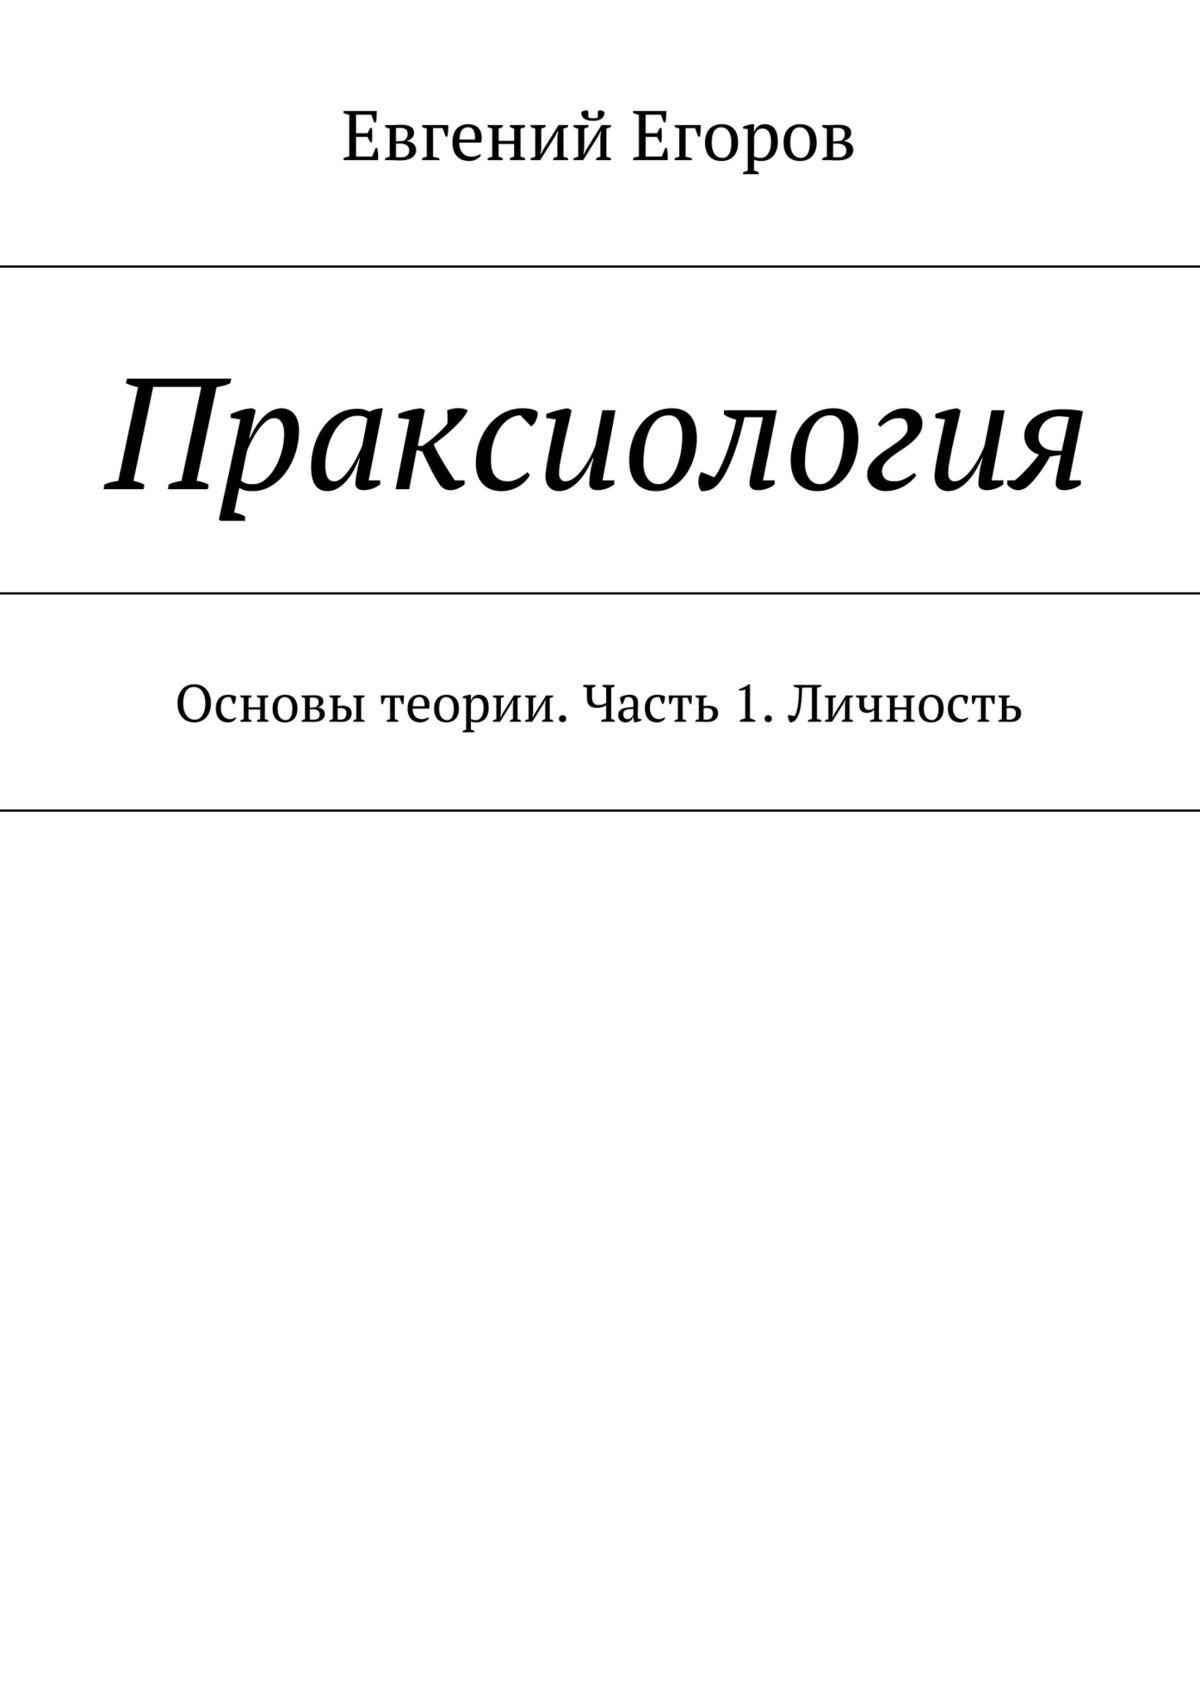 Праксиология. Основы теории. Часть 1. Личность